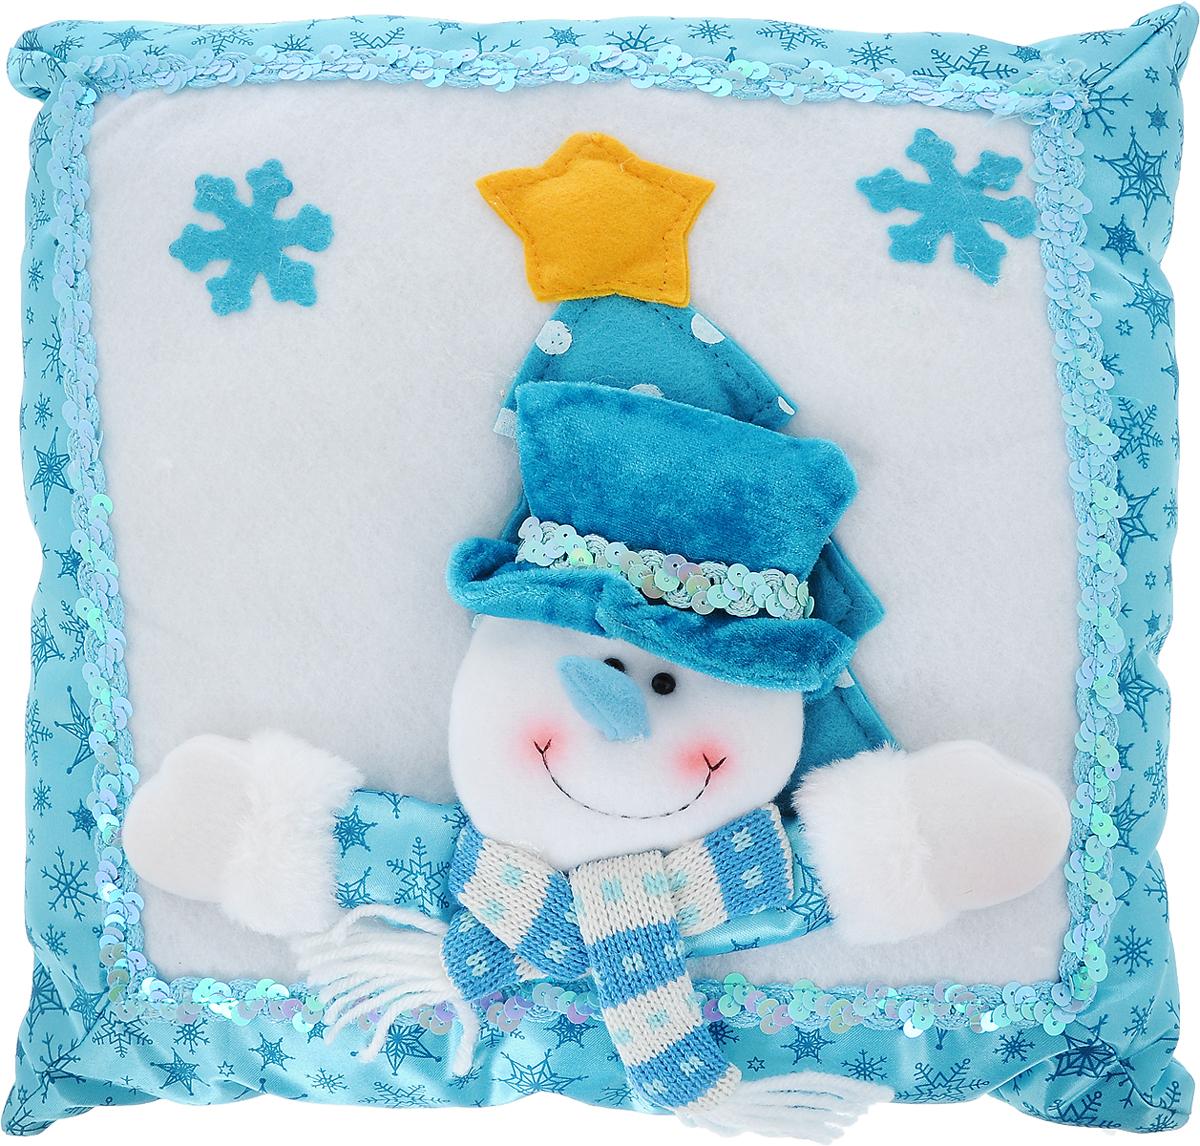 """Декоративная подушка Win Max """"Снеговик"""" прекрасно подойдет для праздничного декора вашего дома в преддверии Нового года. Чехол выполнен из текстиля с комбинированной текстурой, украшен изображением снежинок, пайетками и аппликацией в виде забавного снеговика. Синтепоновый наполнитель делает подушку мягкой и уютной.  Красивая подушка создаст в доме уют и станет прекрасным элементом декора."""